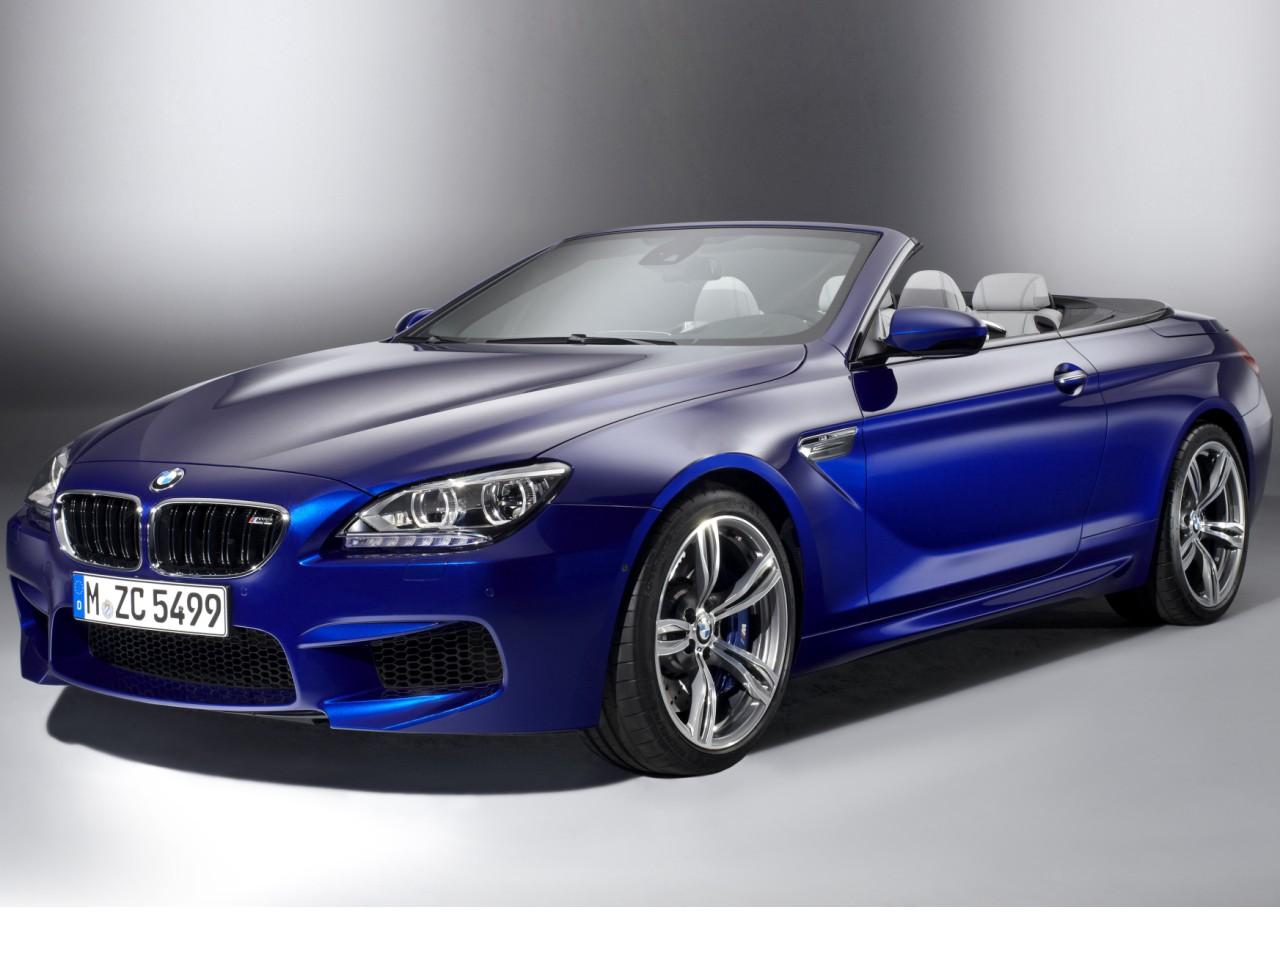 BMW M6 カブリオレ 2012年モデル 新車画像